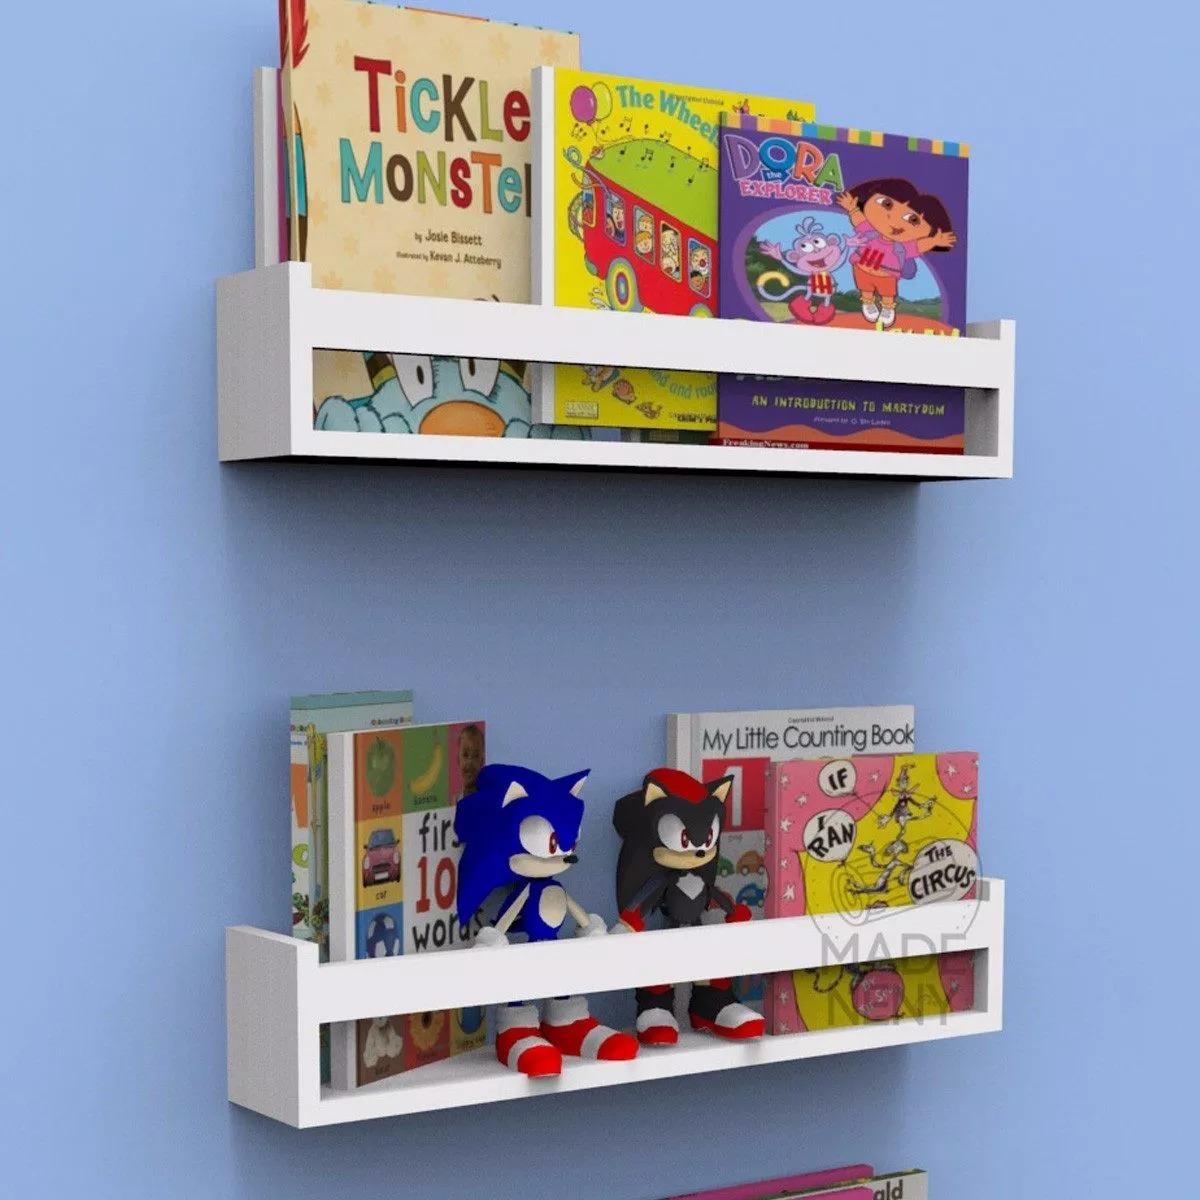 prateleira-nicho-livros-infantil-quarto-60cm-kit-2-pecas-z-D_NQ_NP_776708-MLB26547726476_122017-F.jpg